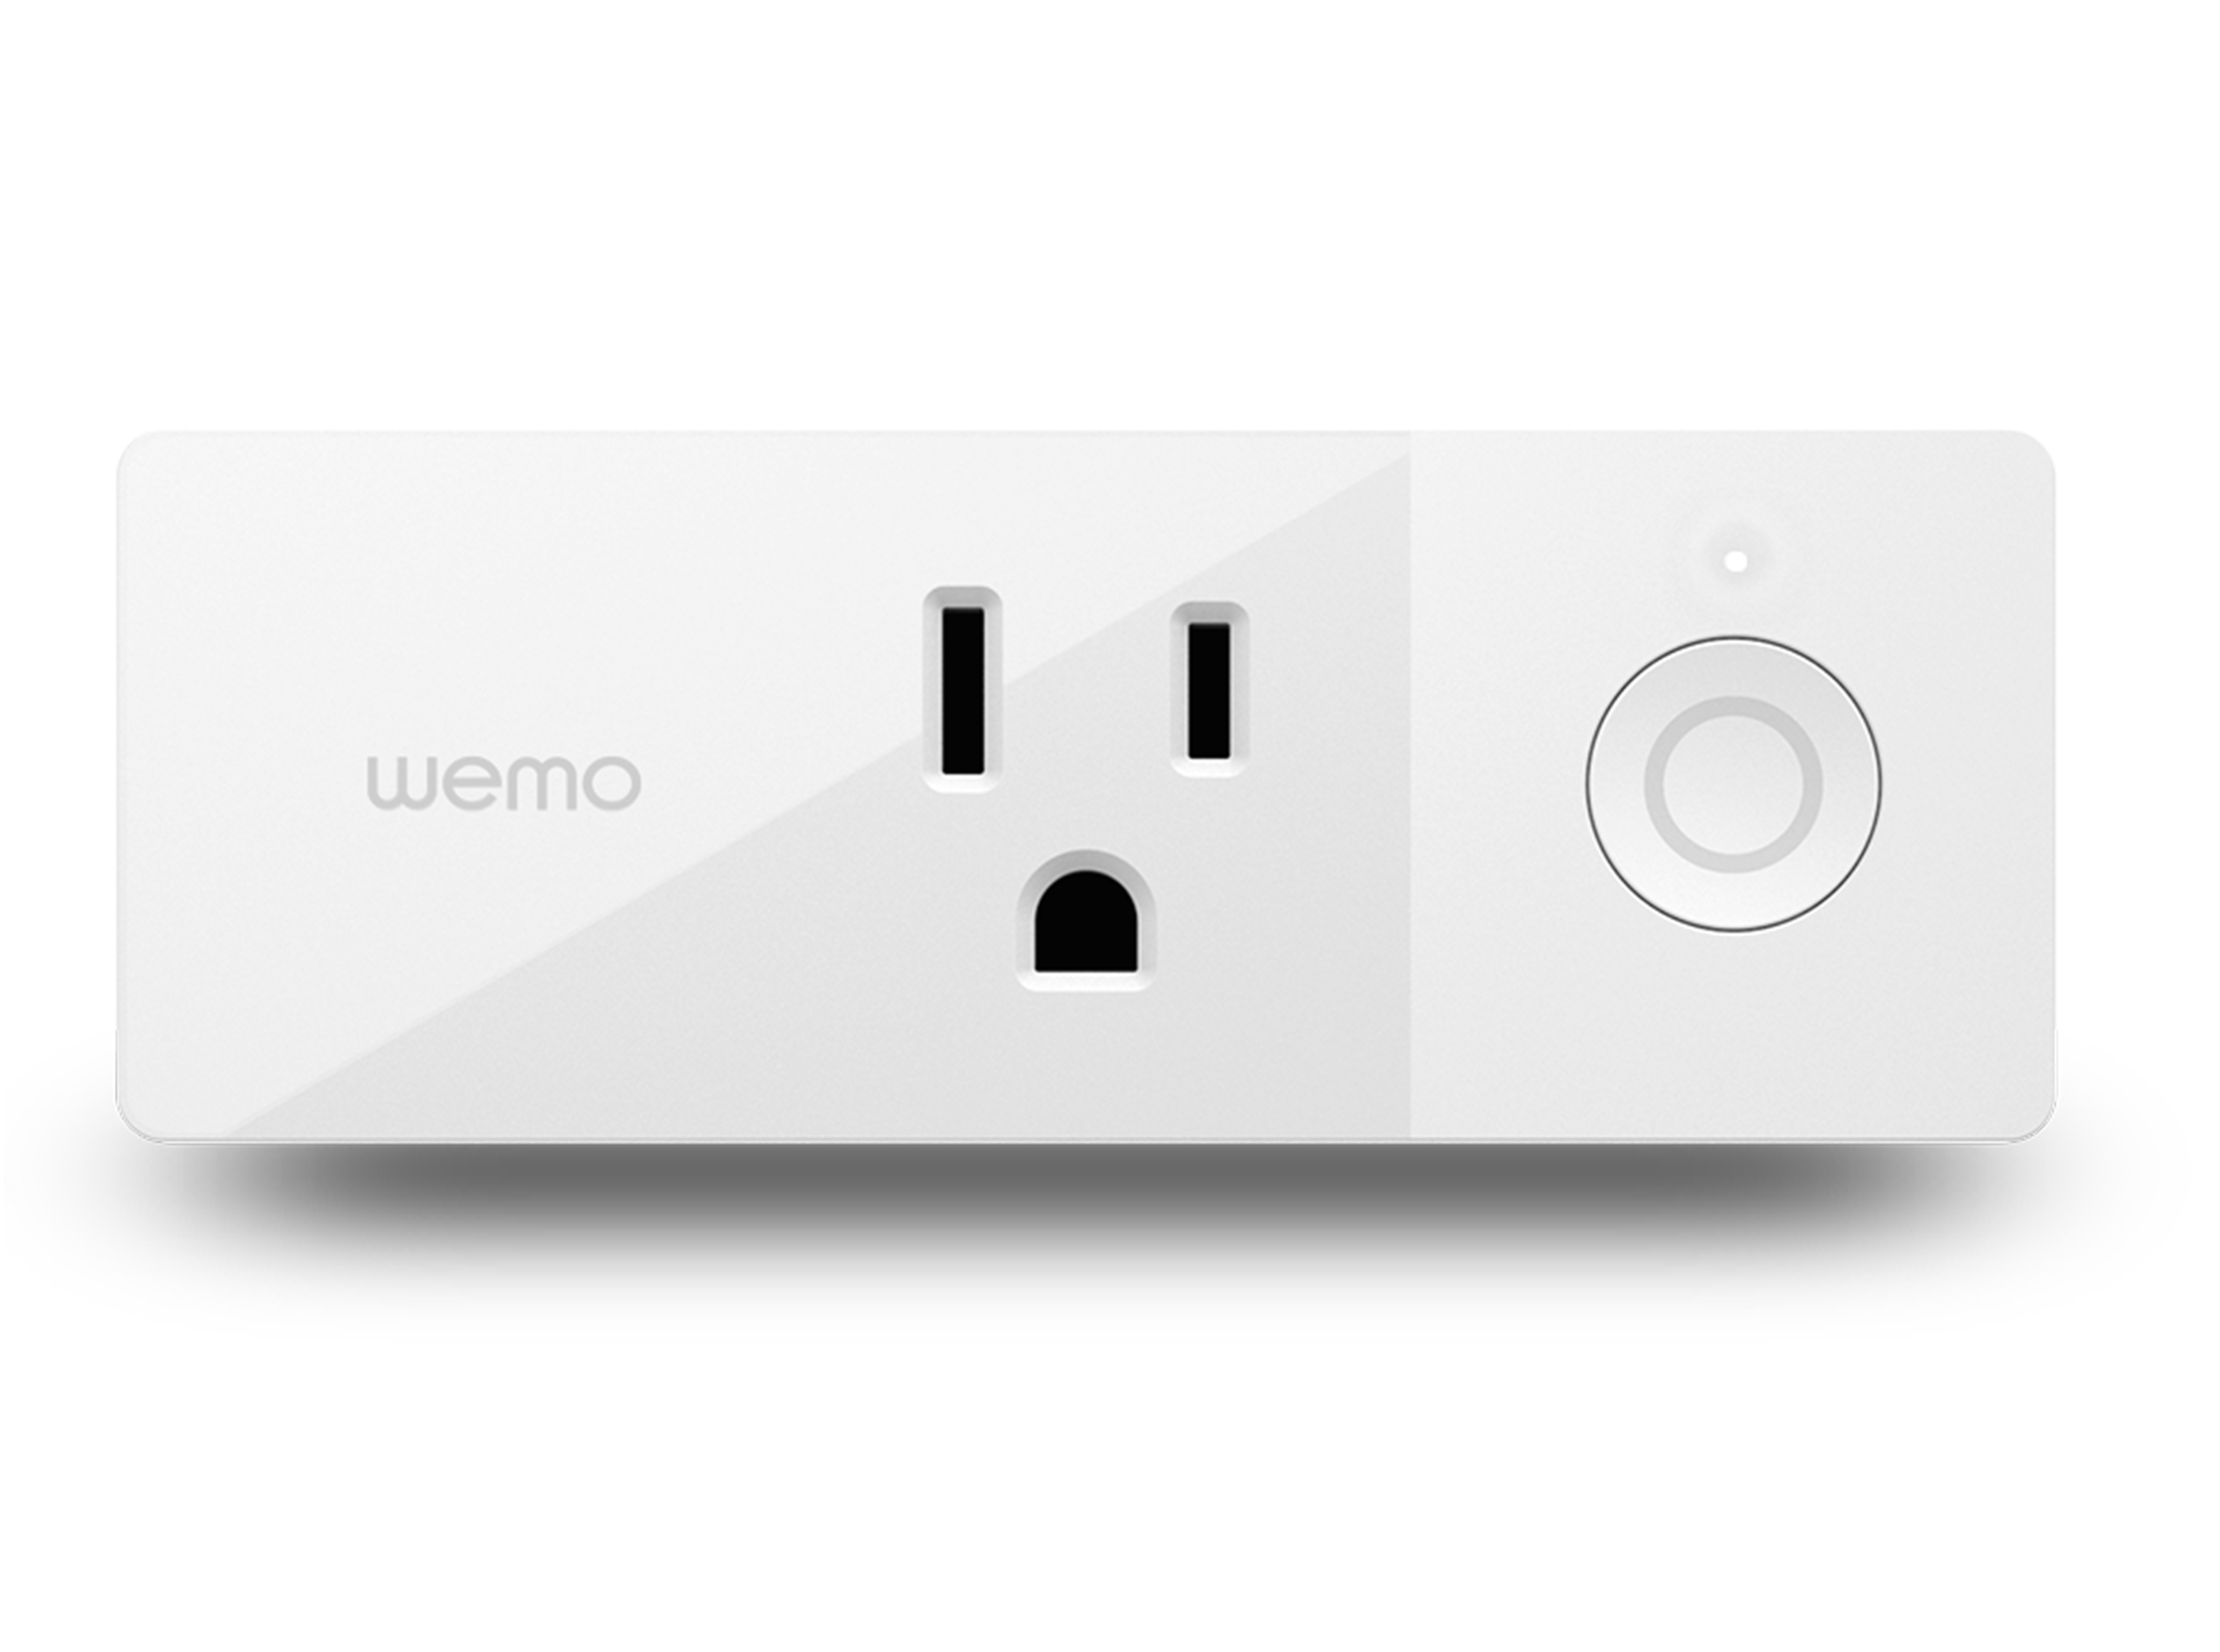 The Wemo Mini smart plug | Sponsor